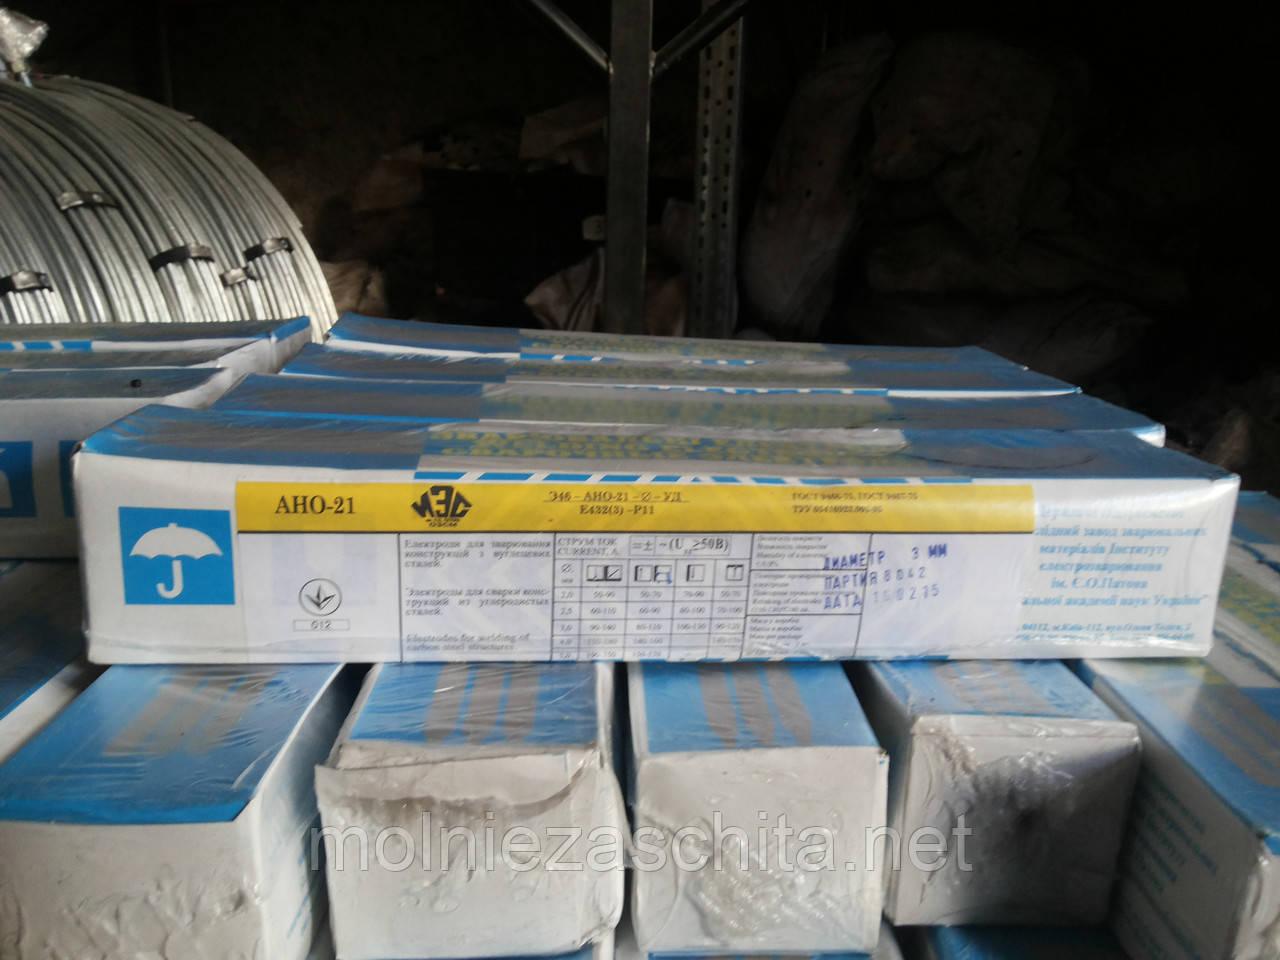 Электроды АНО 21 Ф 5 (пачки 5 кг)